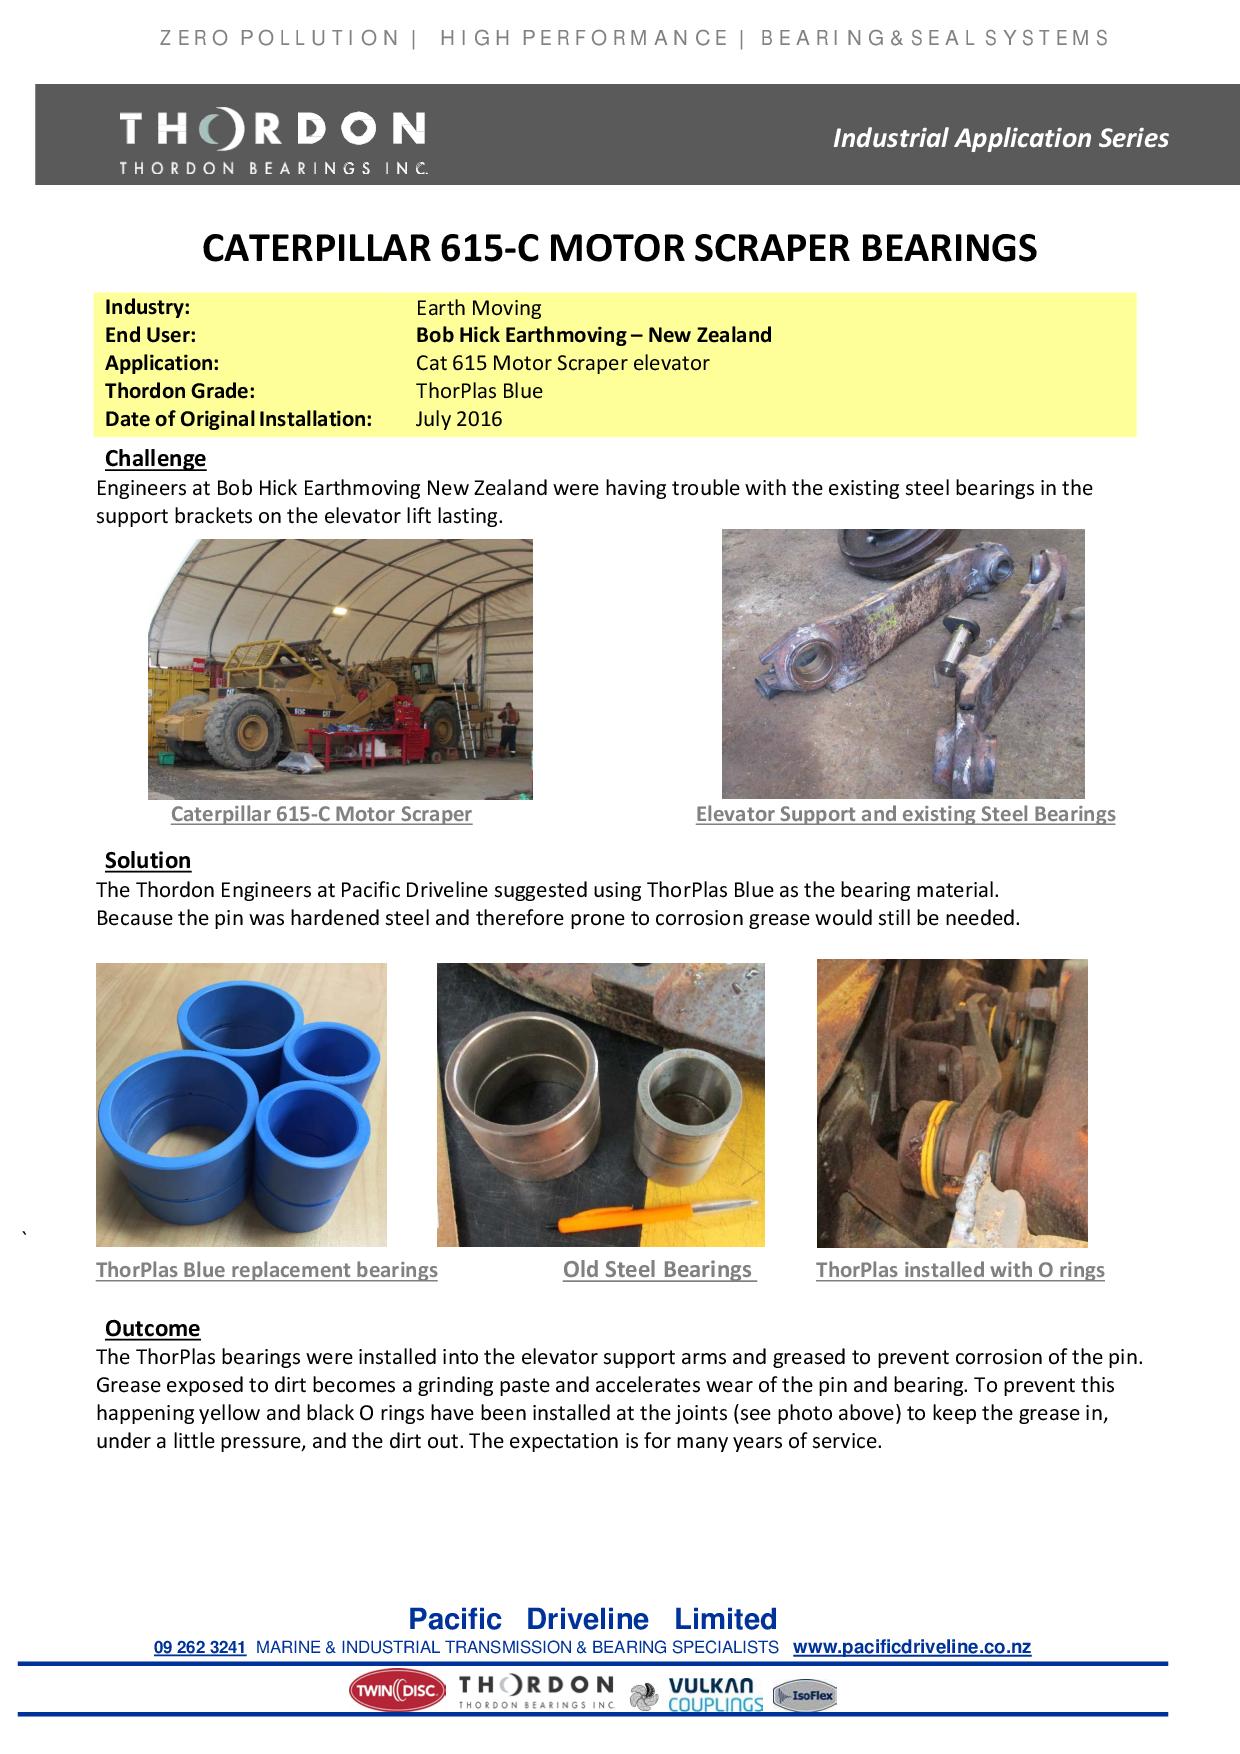 Caterpillar 615-C Motor Scraper Bearings